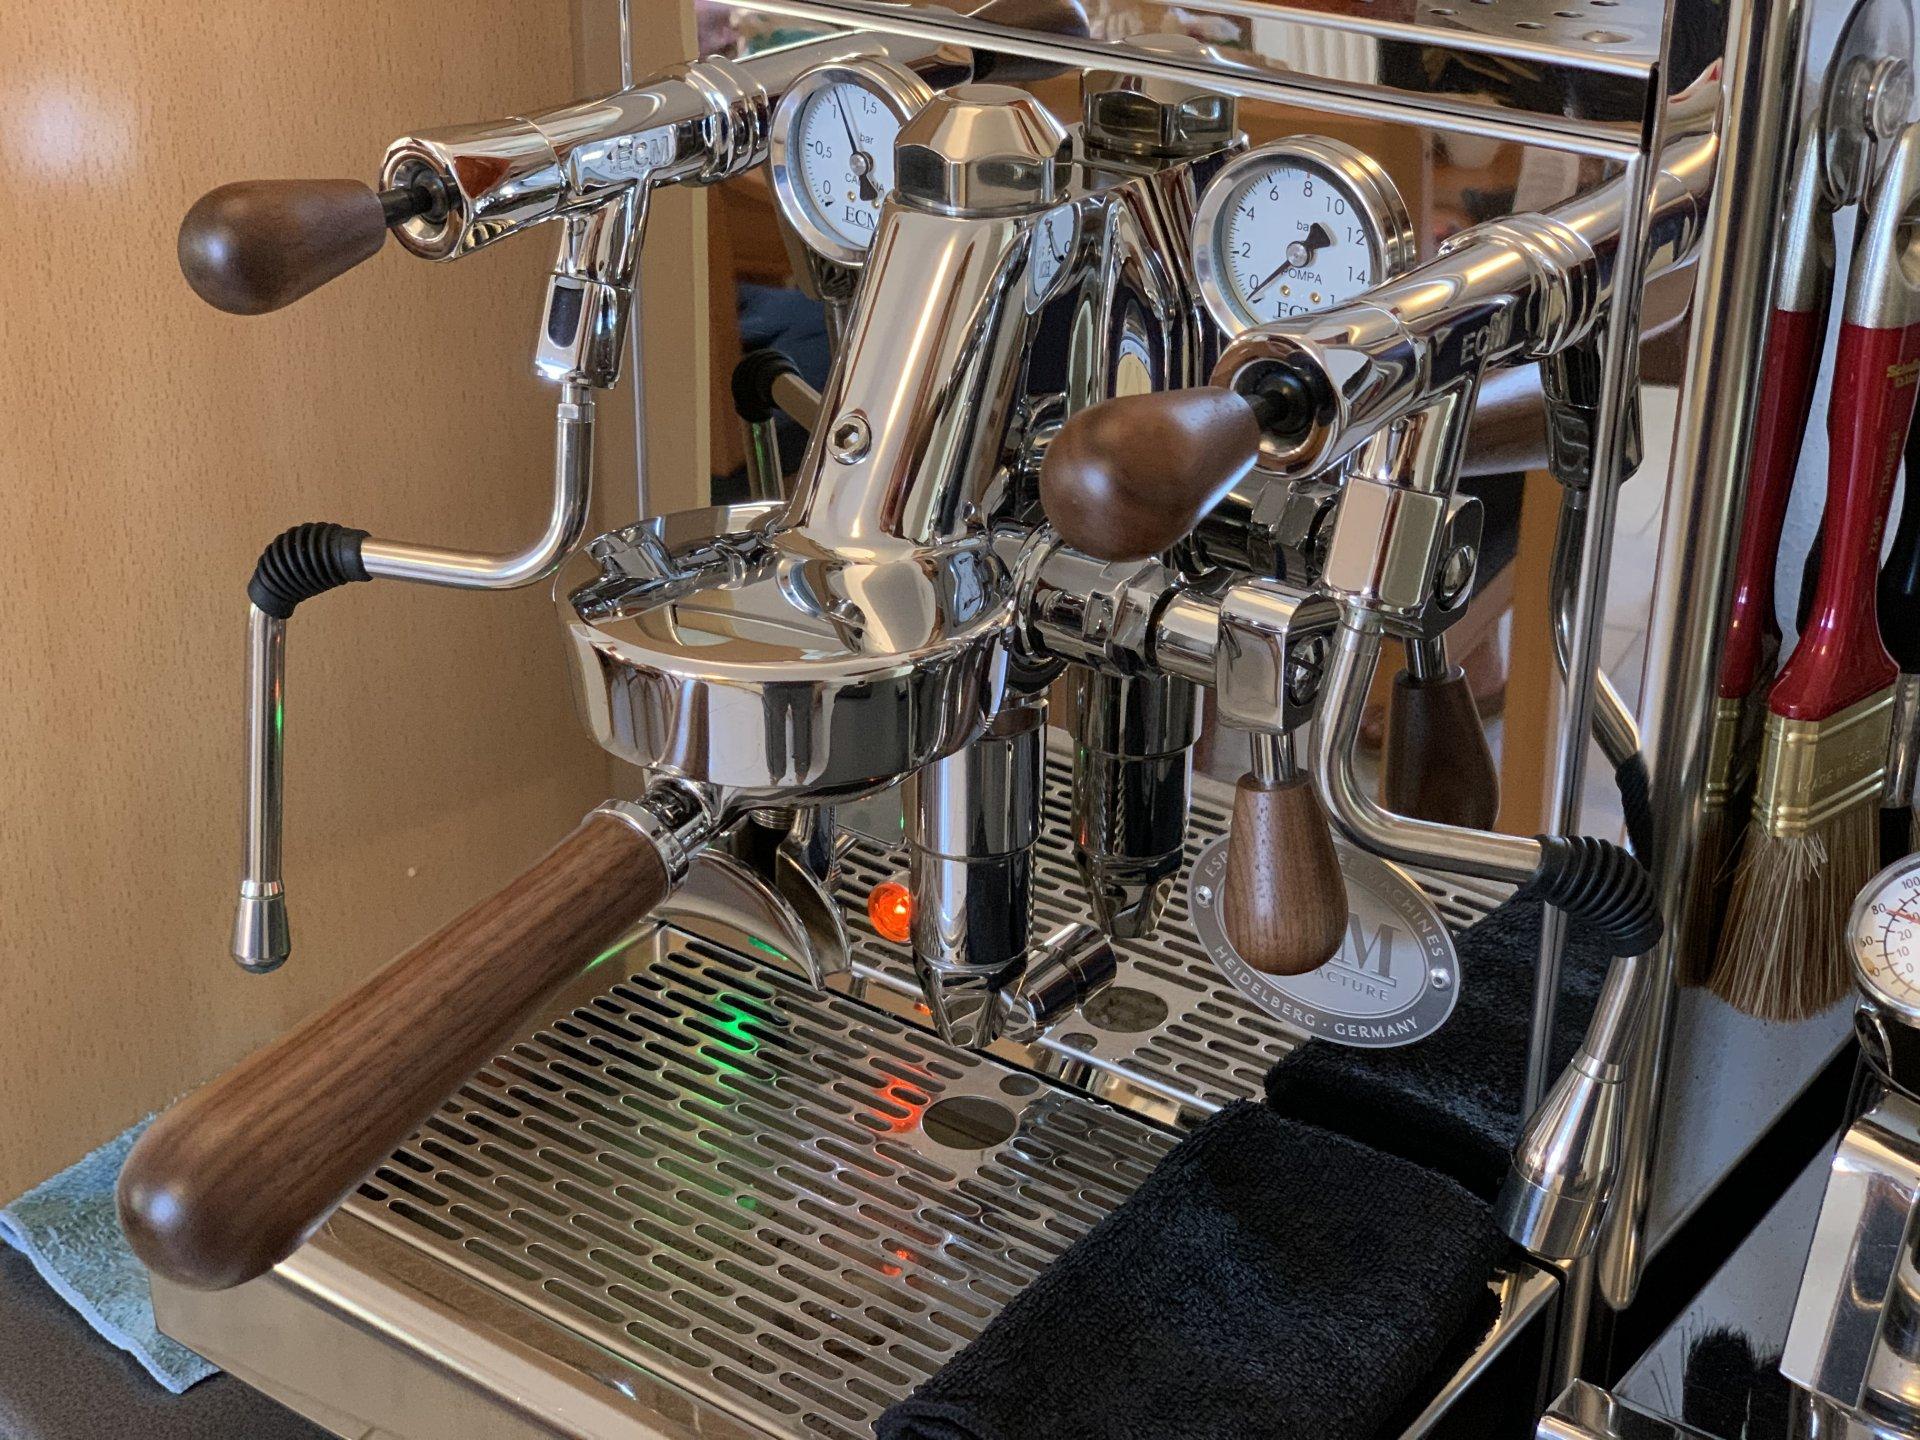 Wie sieht eure Kaffee-Ecke aus? | Seite 687